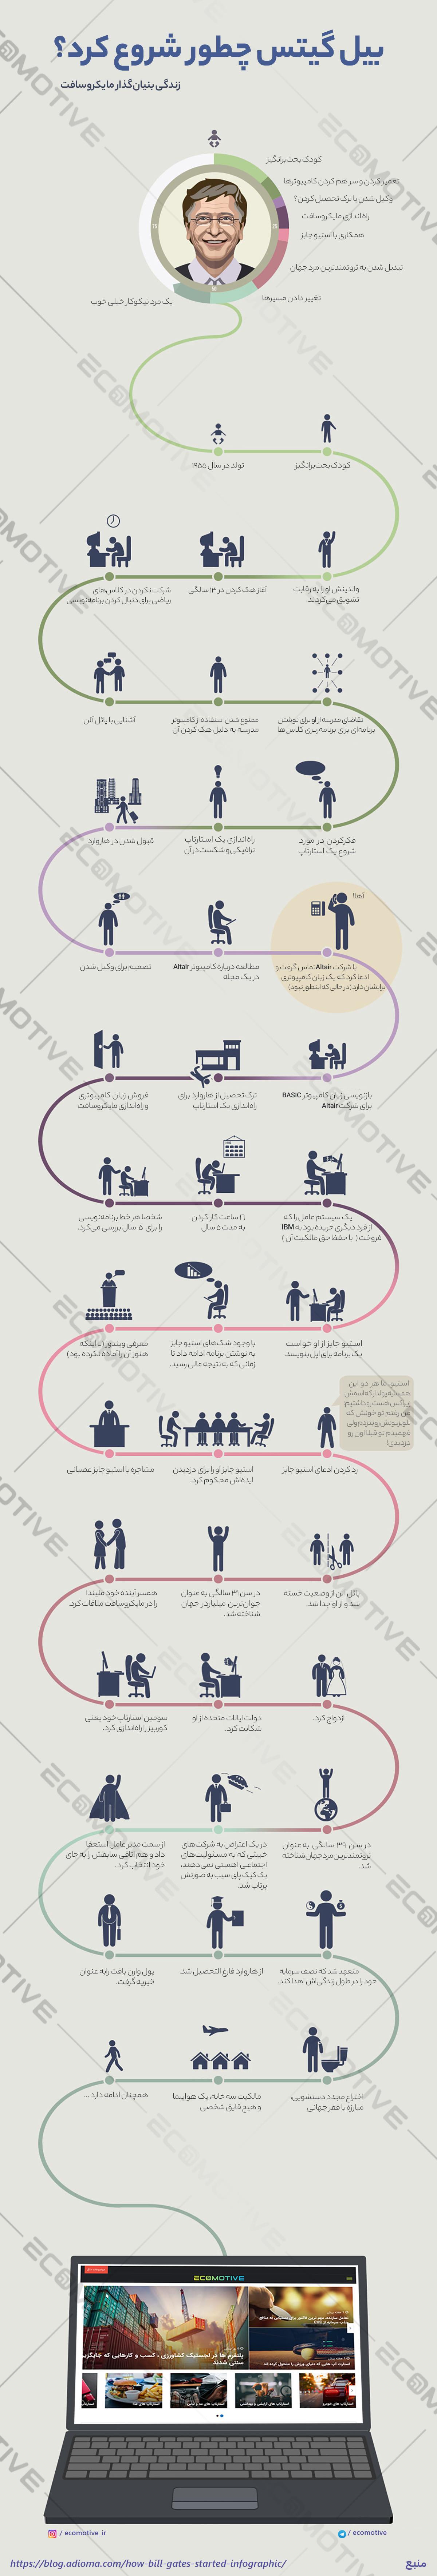 زندگینامه و داستان موفقیت بیل گیتس موسس شرکت مایکروسافت